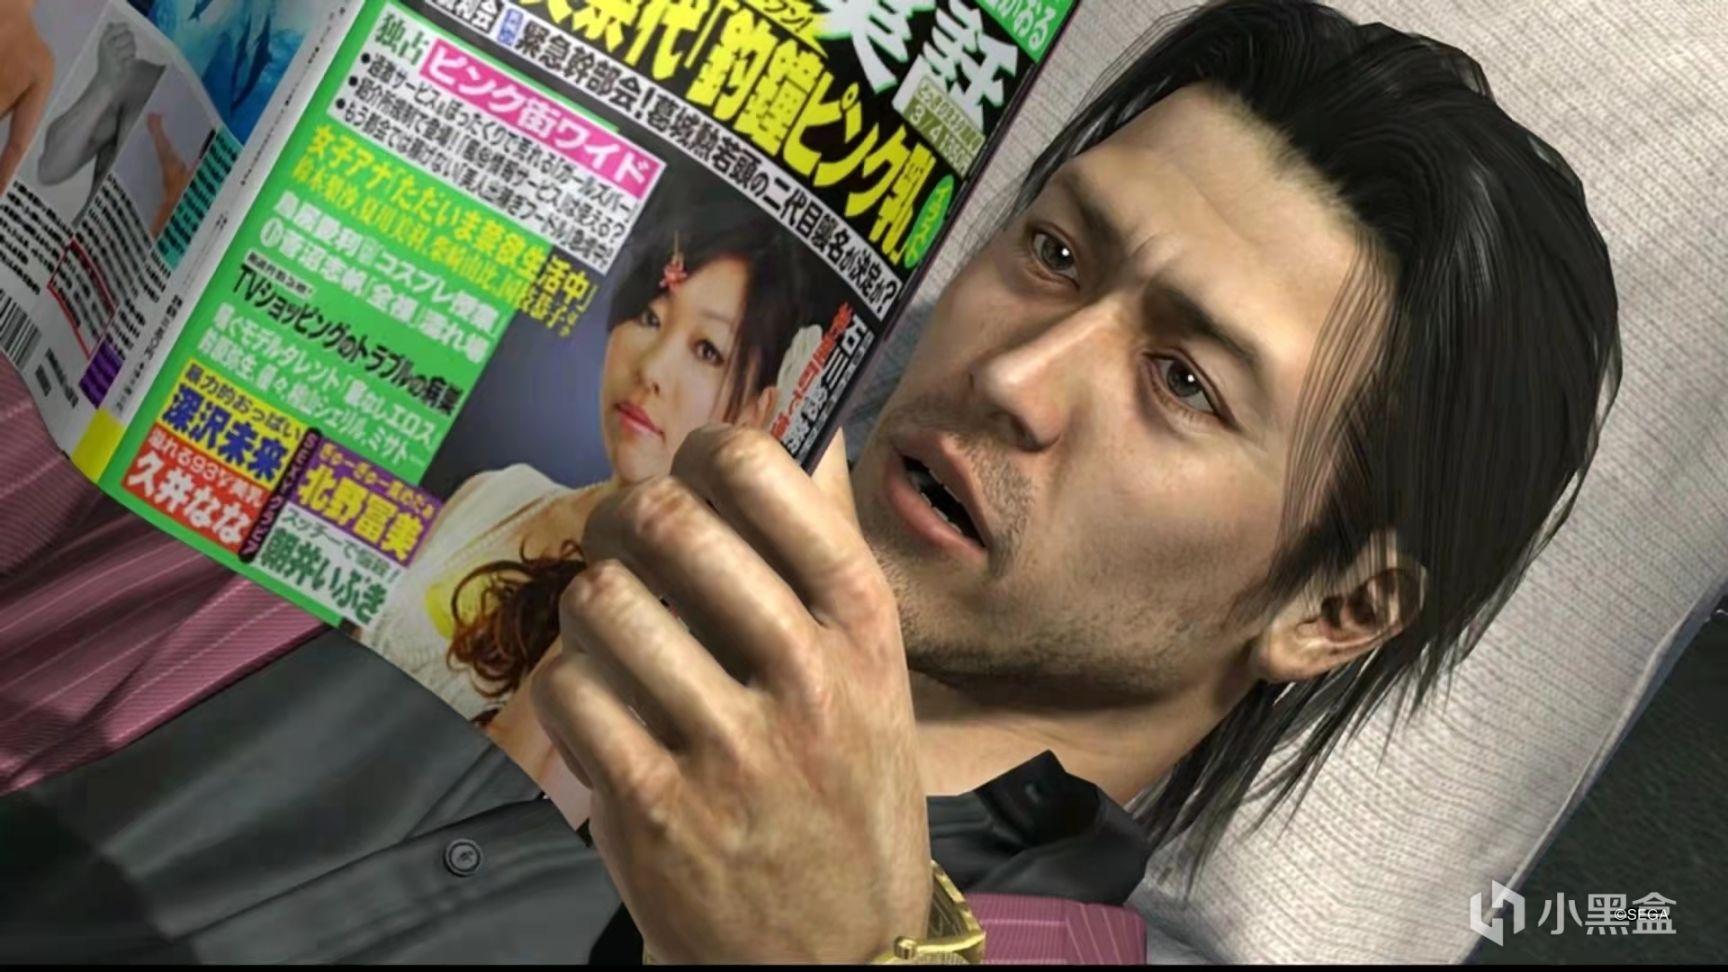 如龙(Yakuza)PC全系列(0~7)游戏介绍及游玩一览(中)插图20